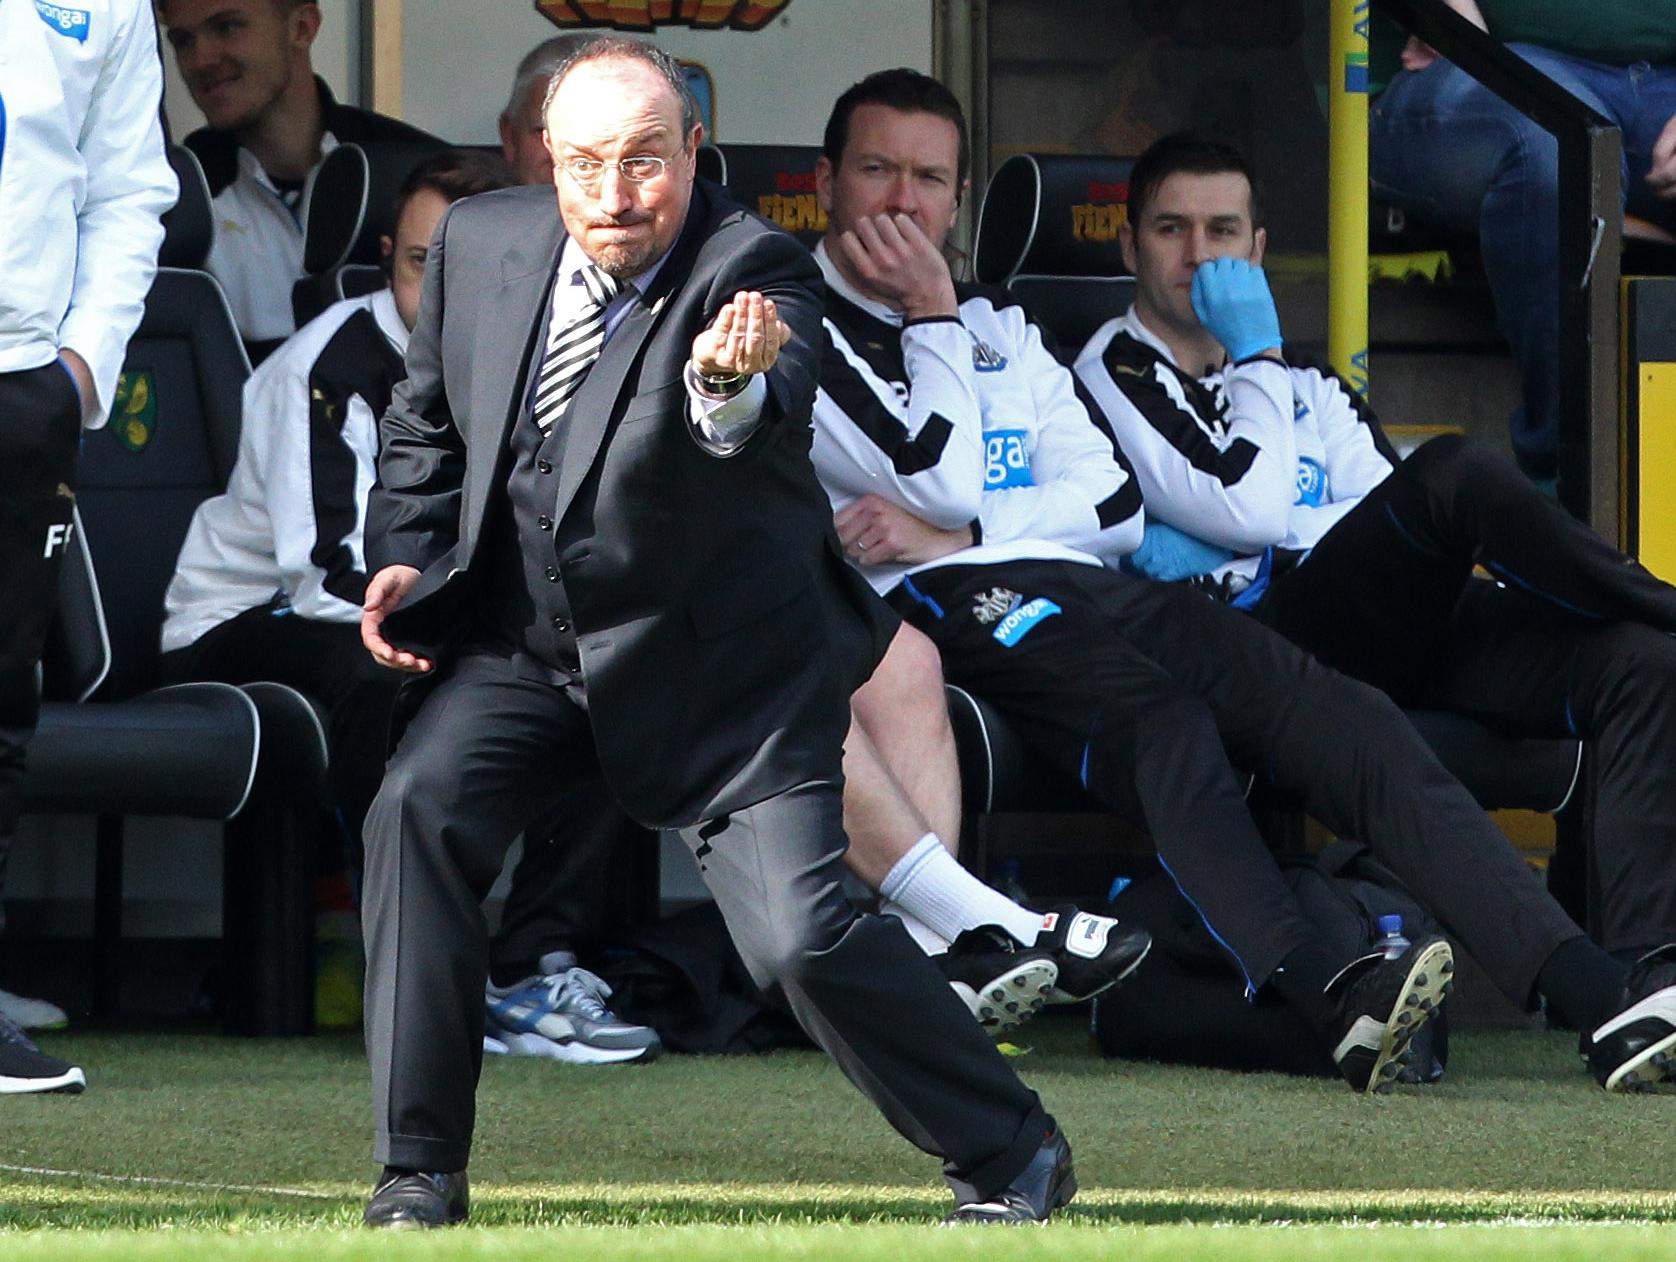 La missione impossibile di Benitez di salvare il Newcastle si sta rivelando per l'appunto... impossibile